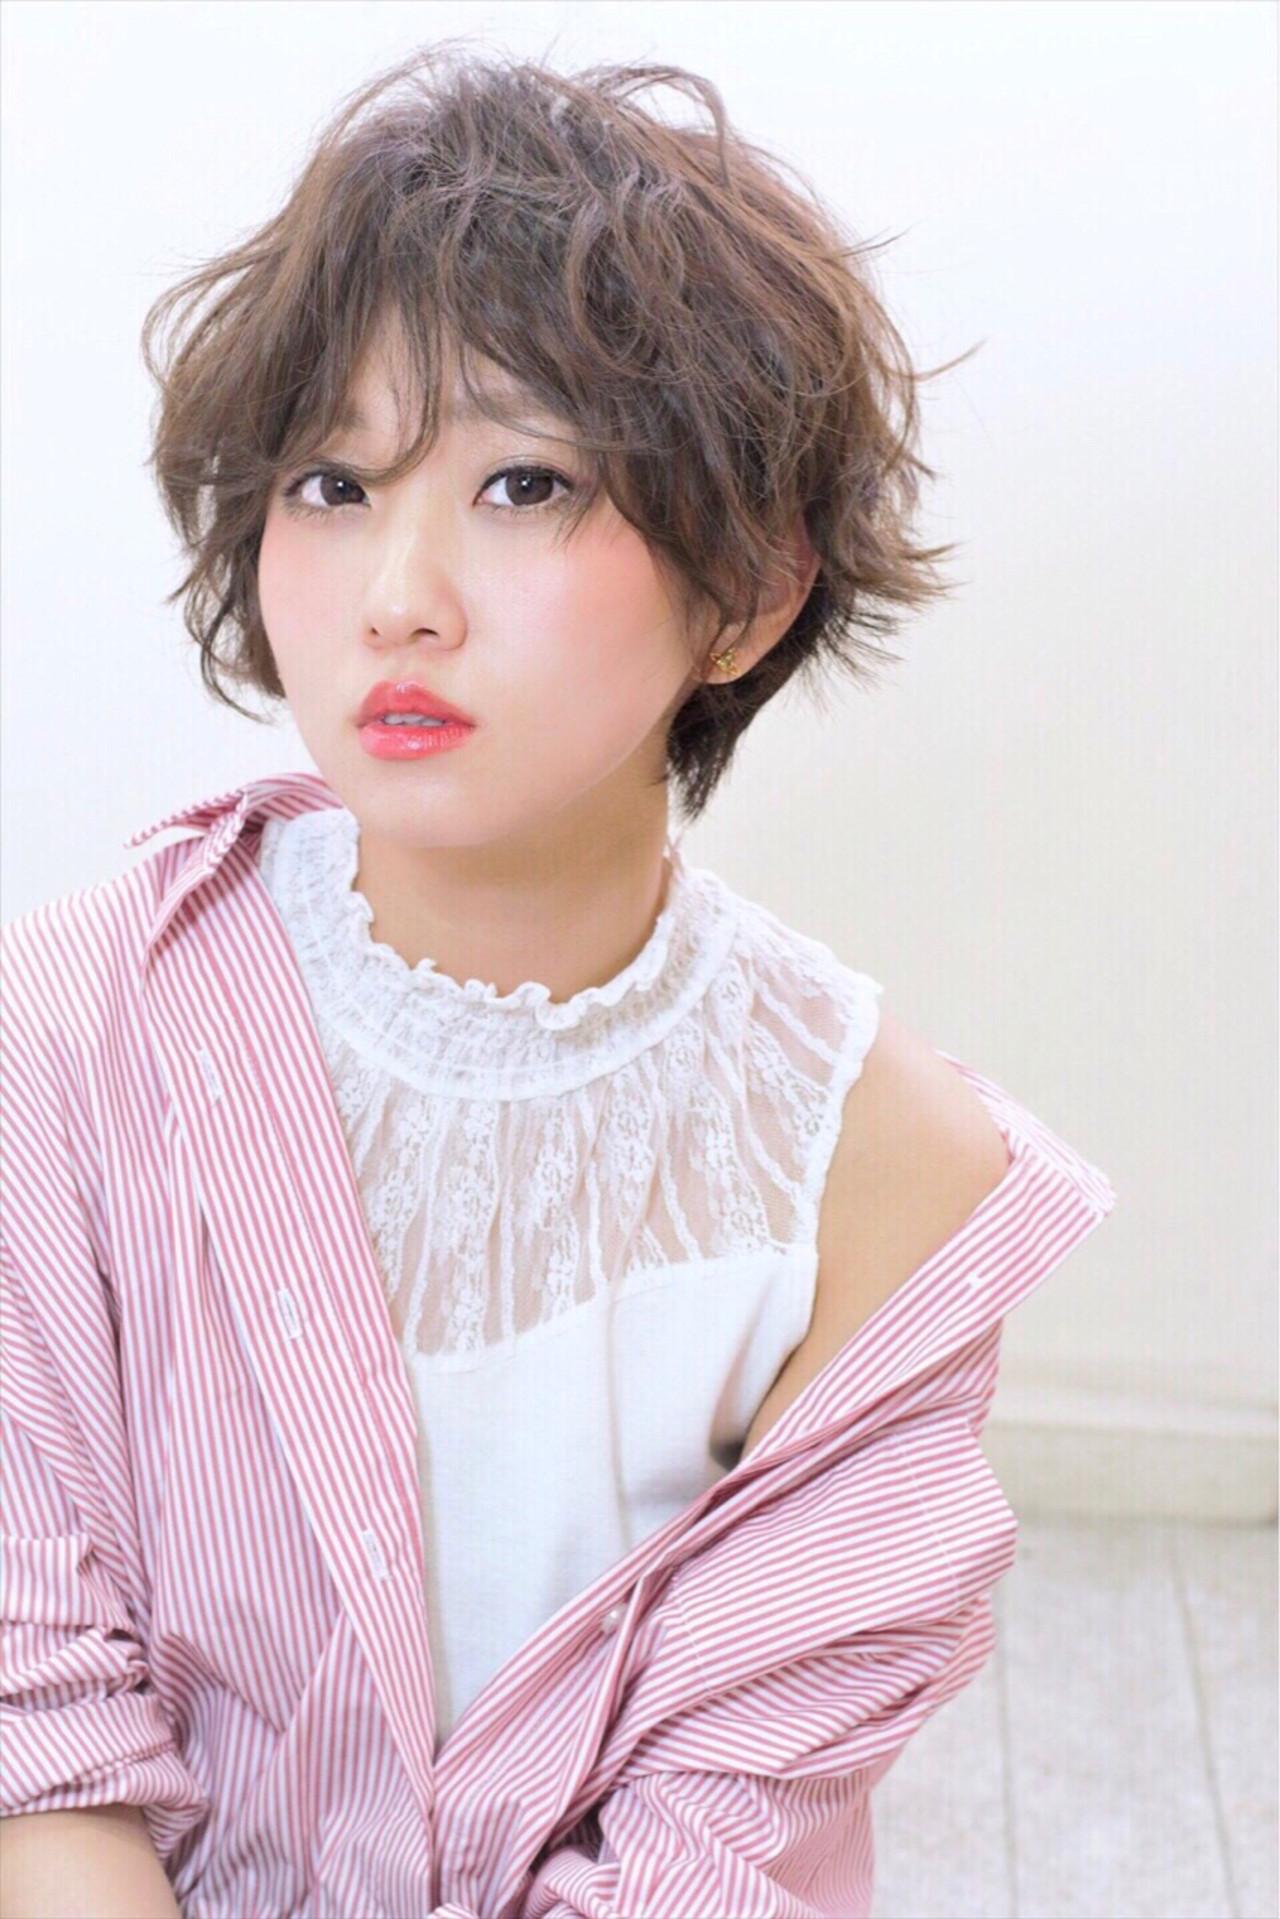 【丸顔】前髪を長めにして似合わせショートに Ayumi